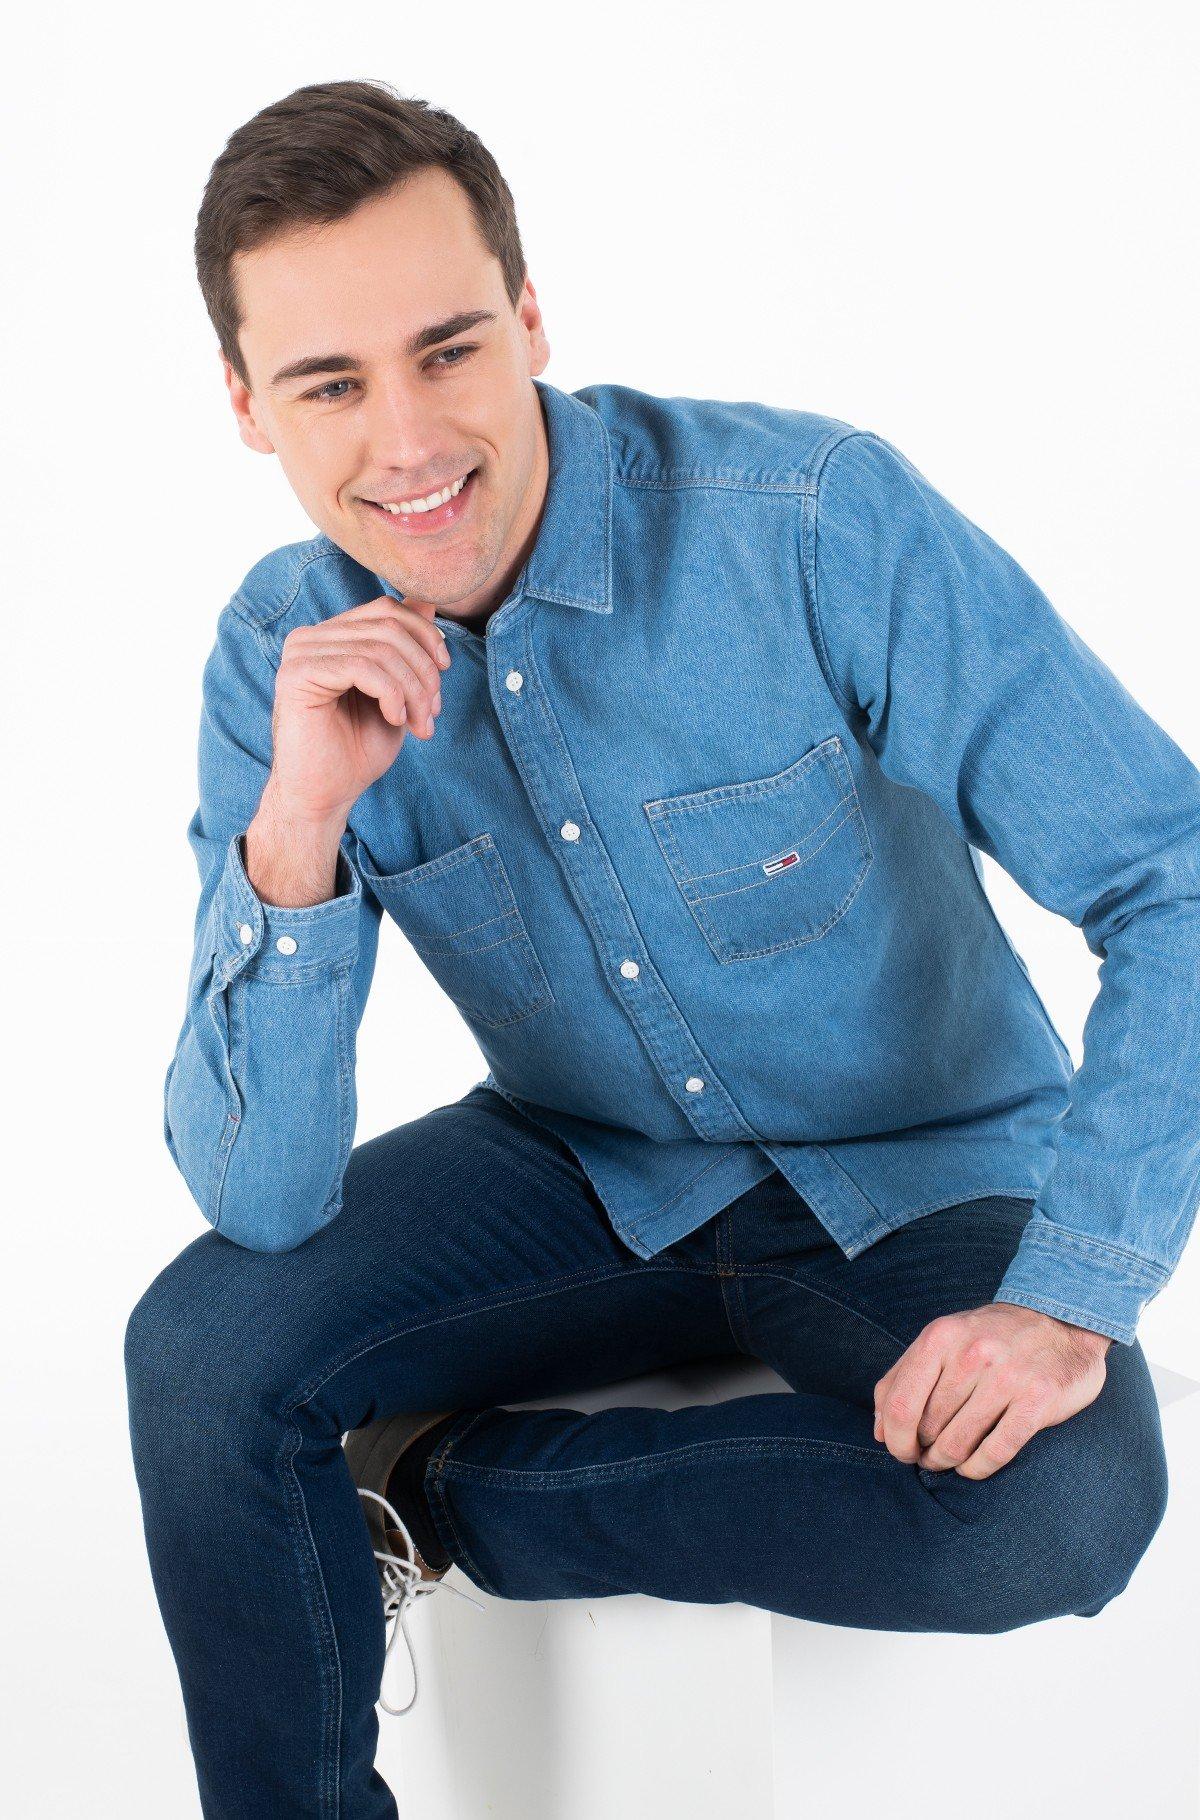 Džinsiniai marškiniai TJM DENIM SHIRT-full-1